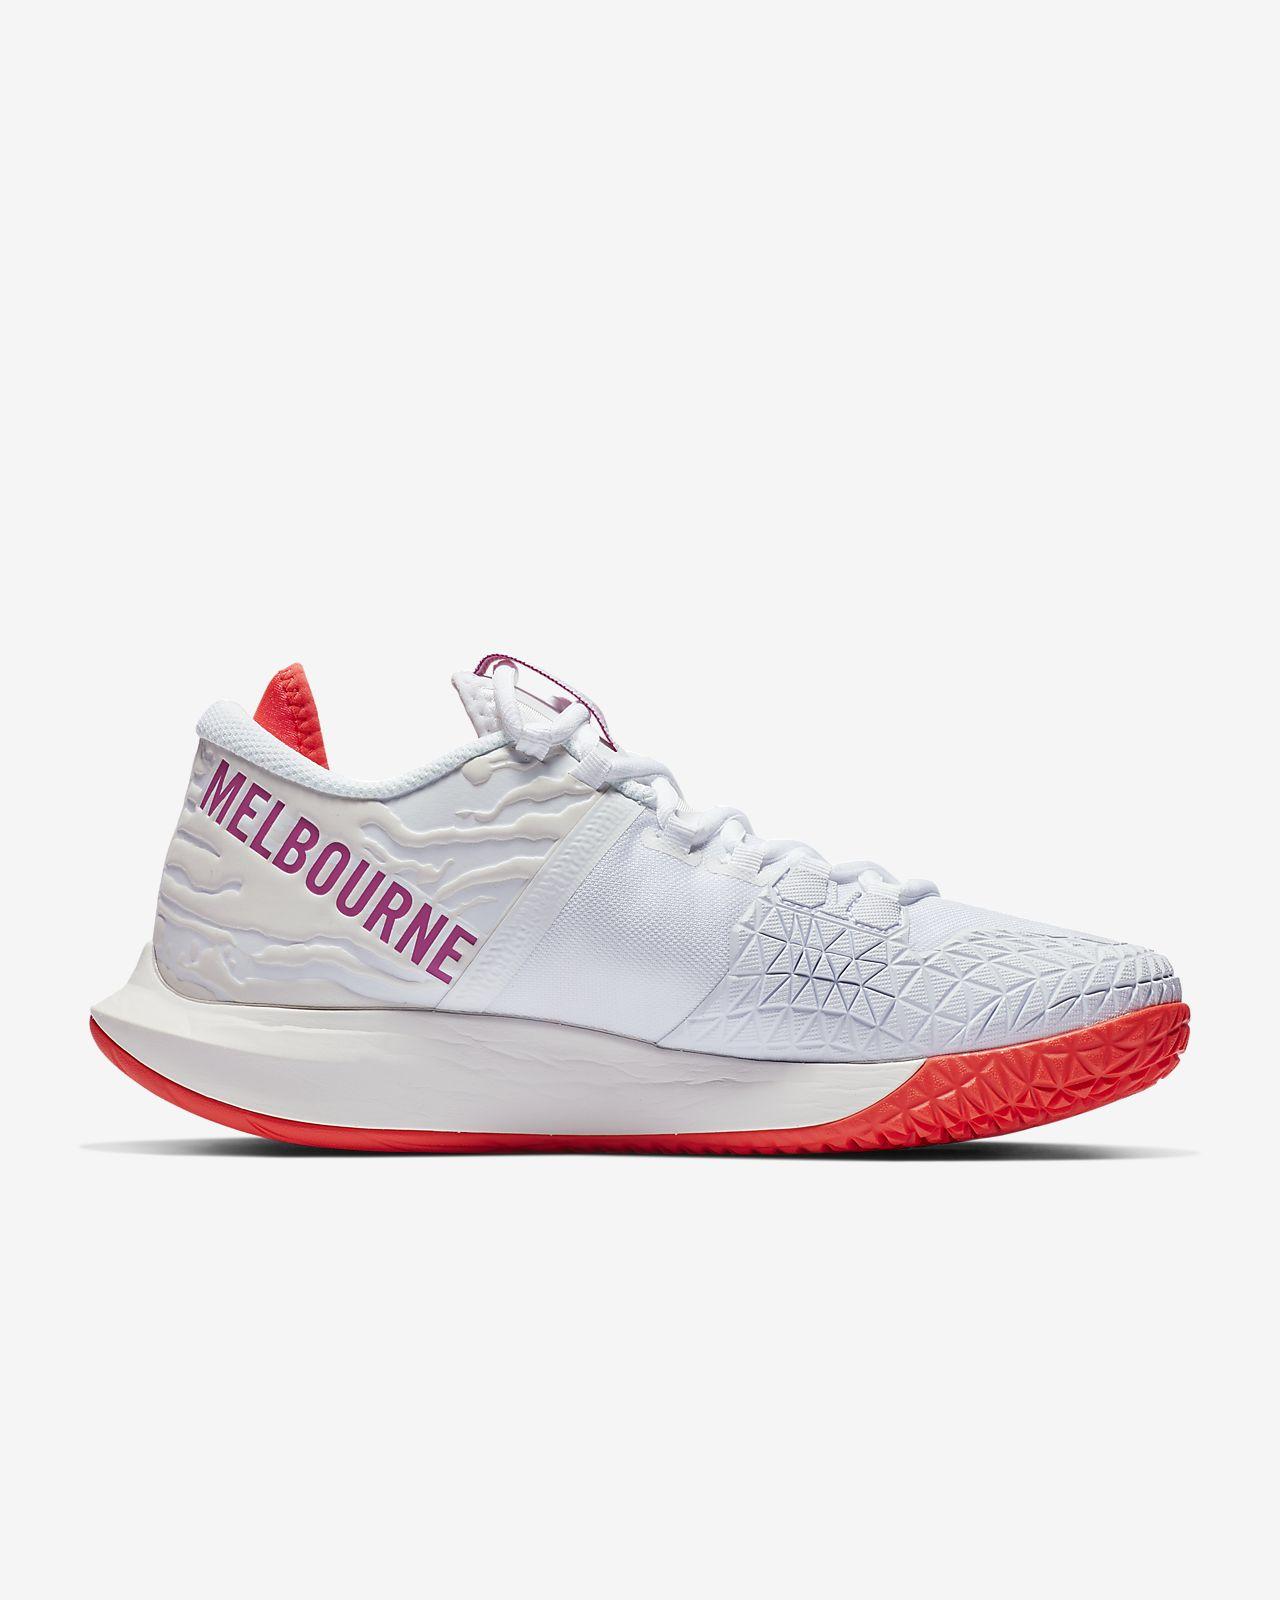 d7a31109c0f Chaussure de tennis NikeCourt Air Zoom Zero pour Femme. Nike.com FR